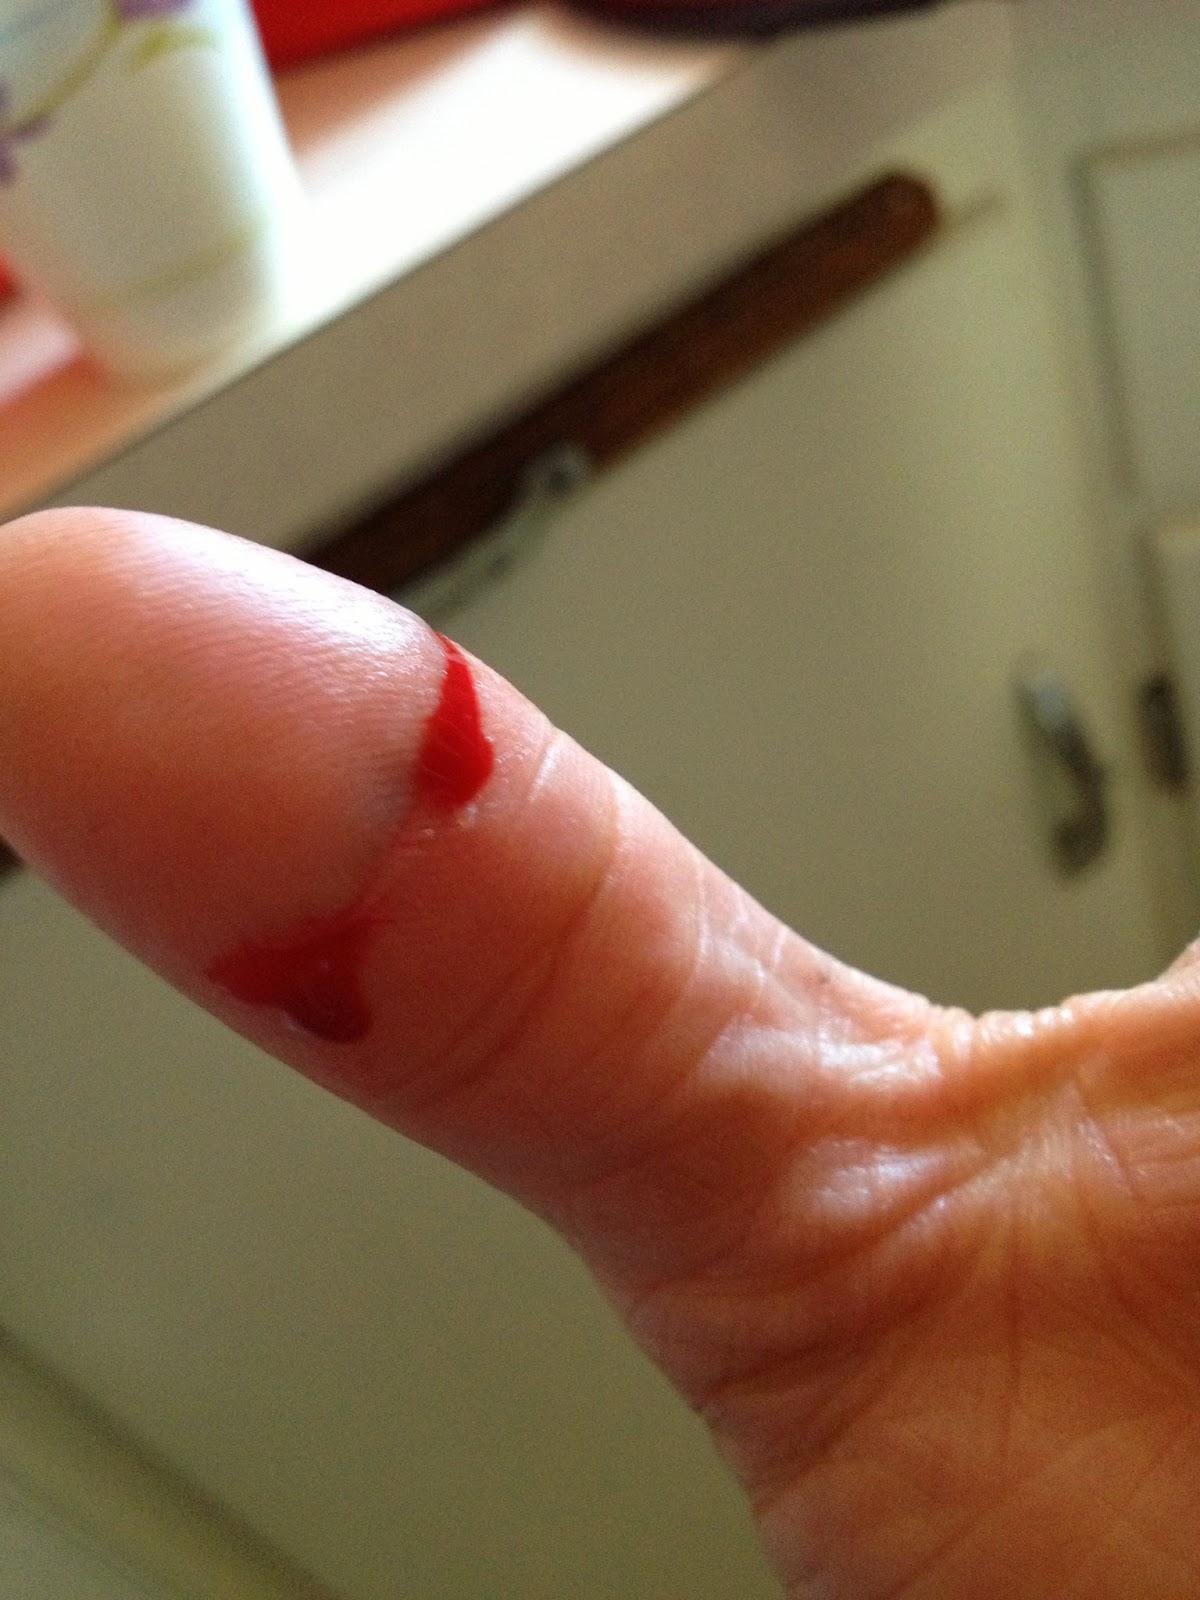 blood cut images